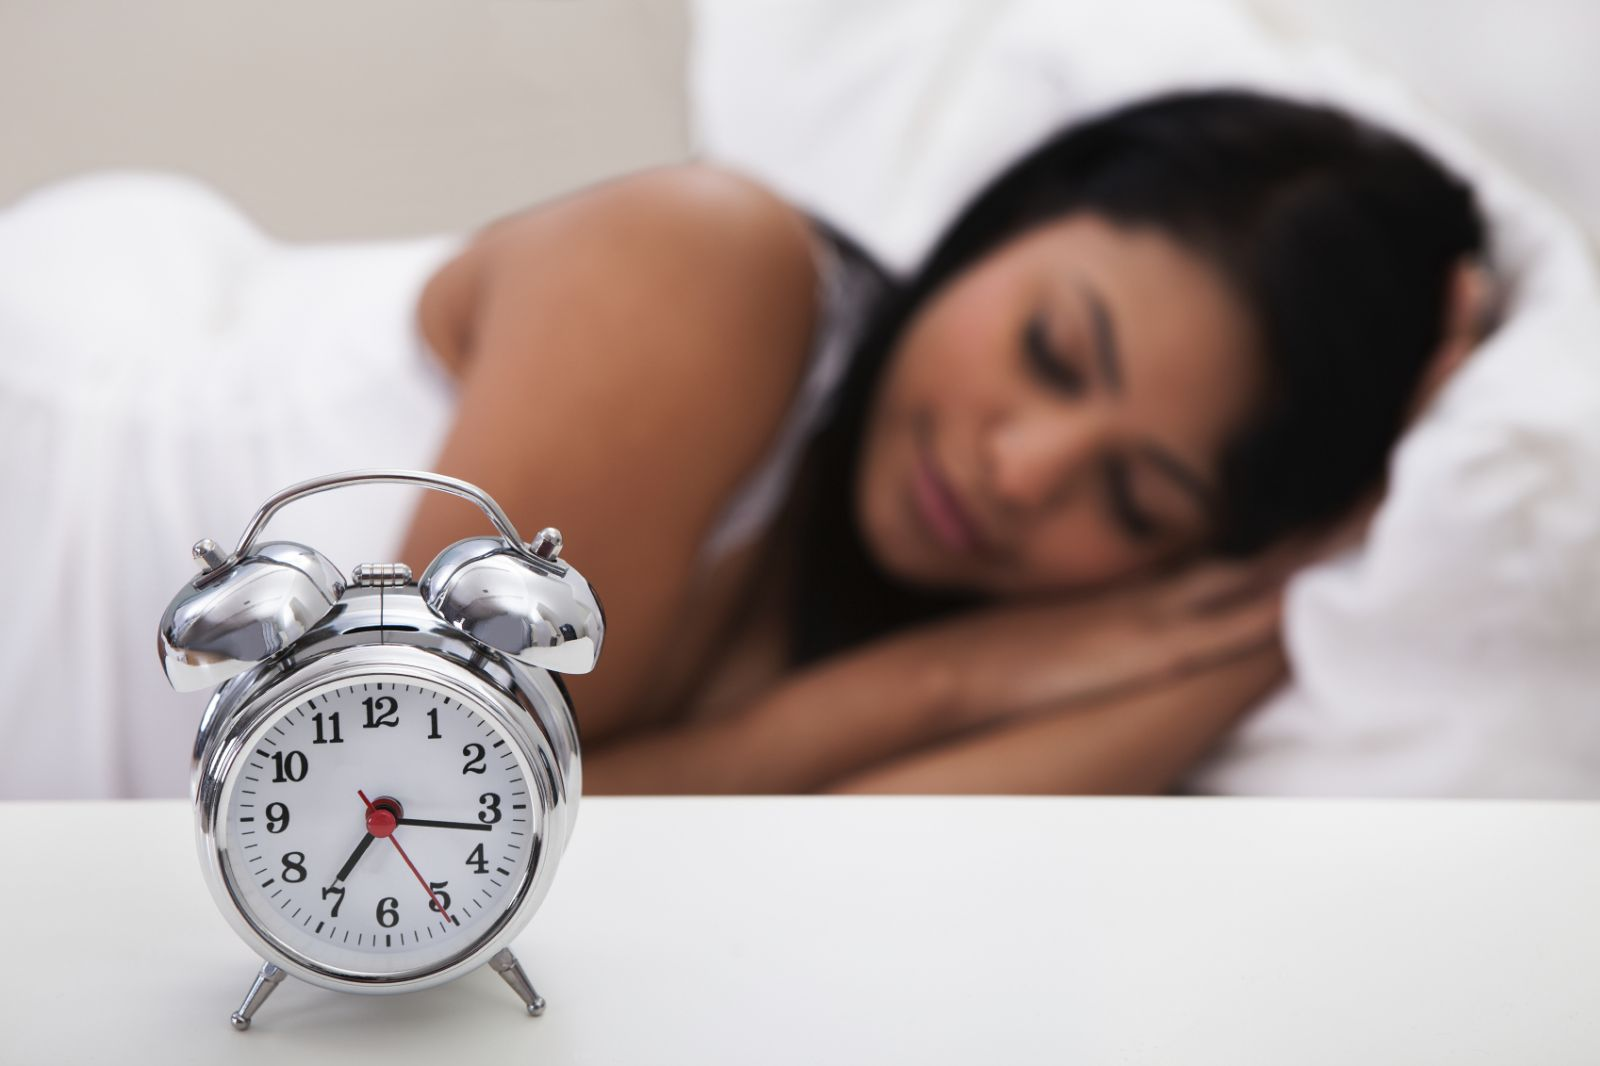 sleep-clock-sleeping-woman.jpg